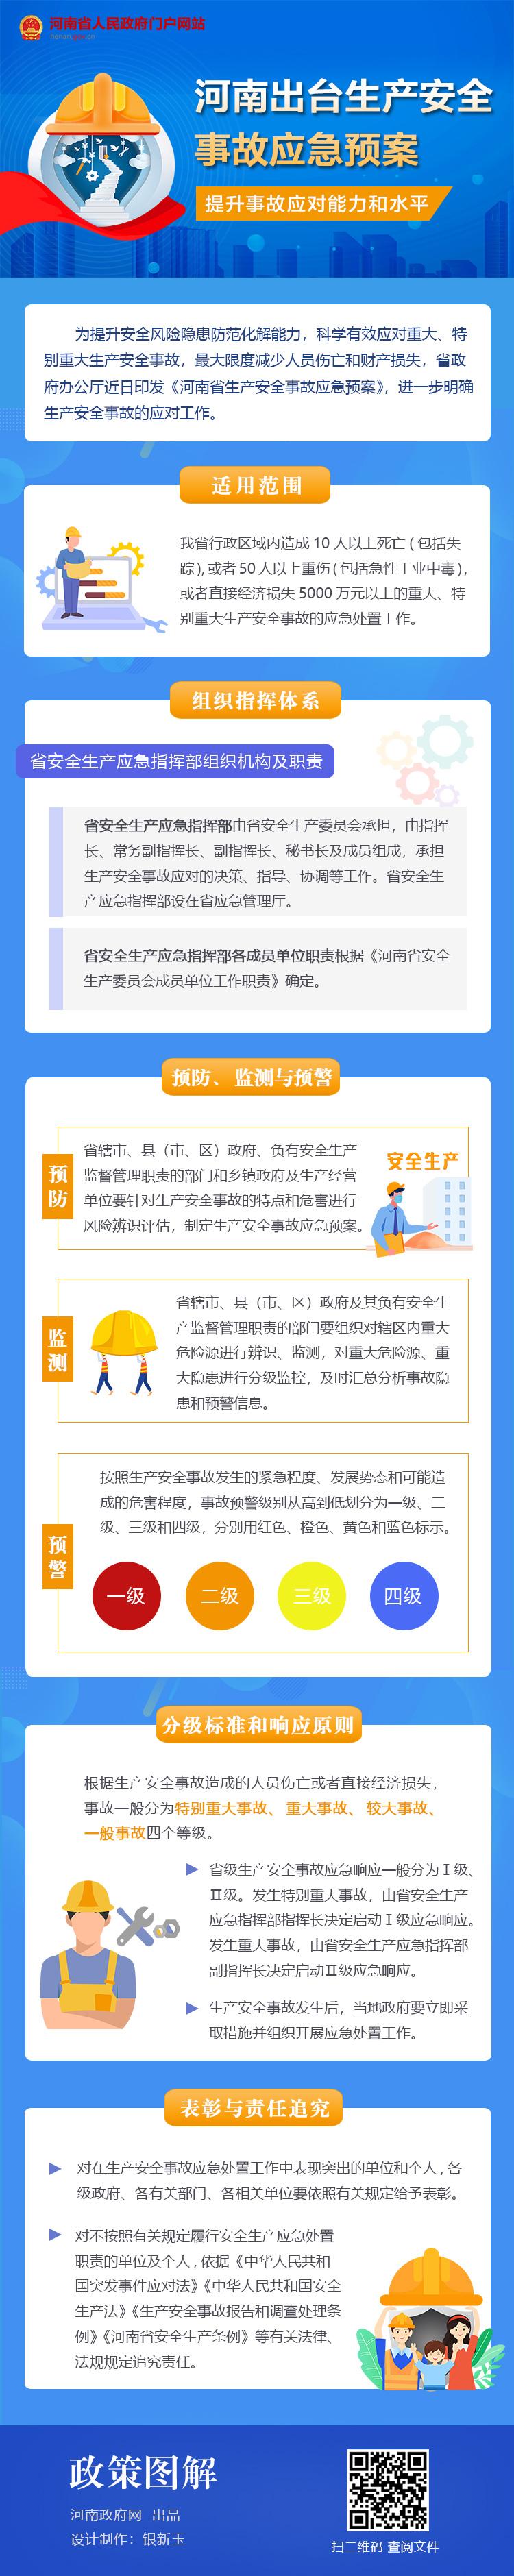 图解:河南出台生产安全事故应急预案